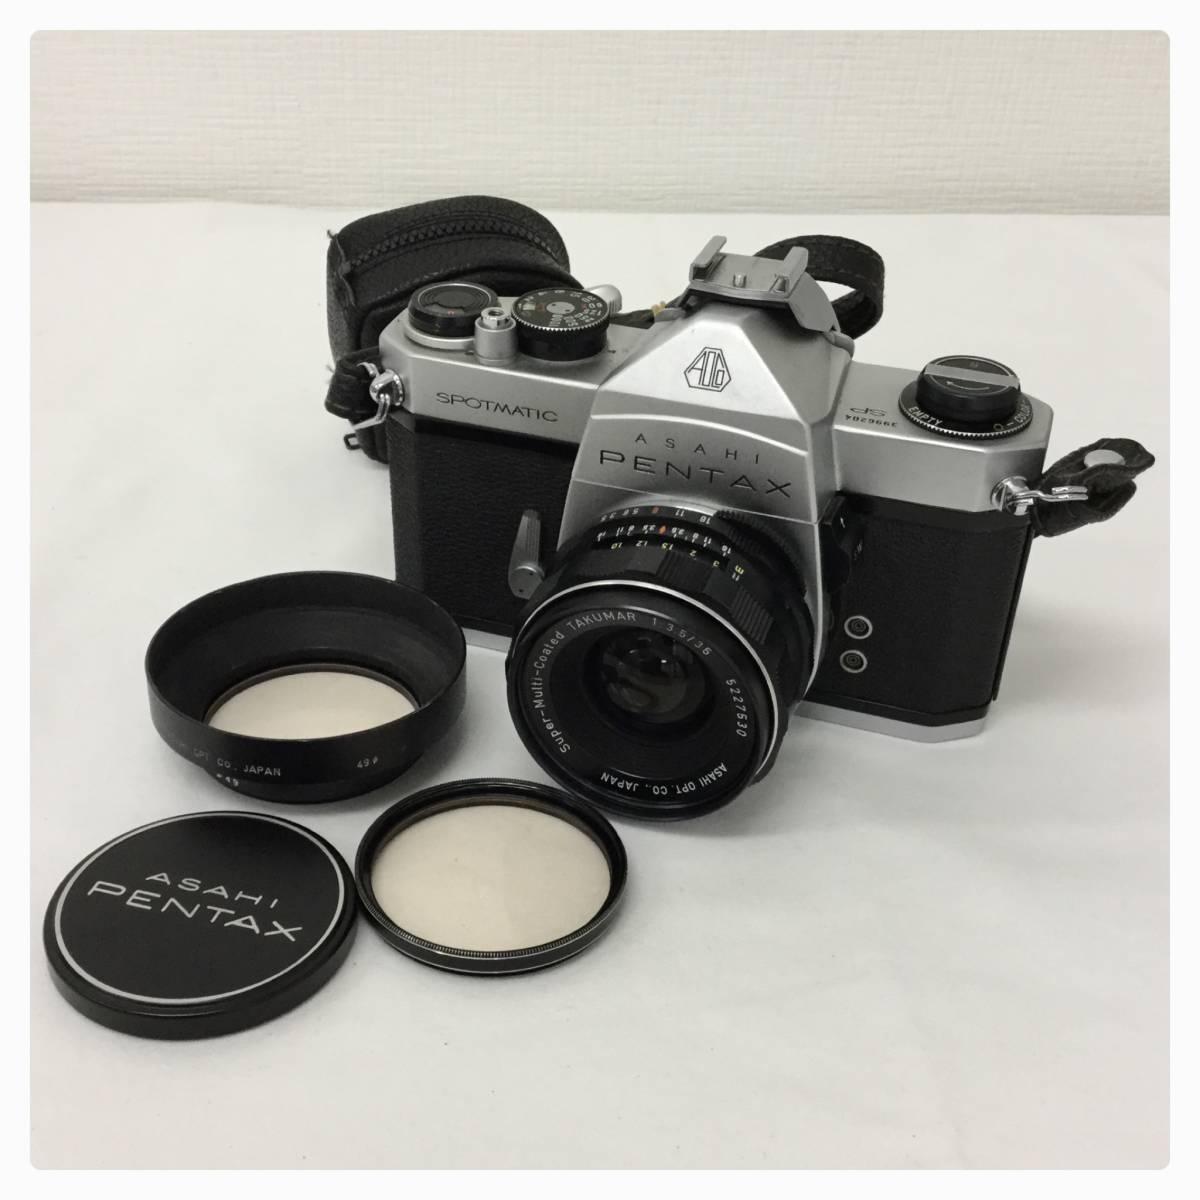 PENTAX ペンタックス ASAHI SPOTMATIC SP フィルム カメラ Coated TAKUMAR 1:3.5/35 レンズ